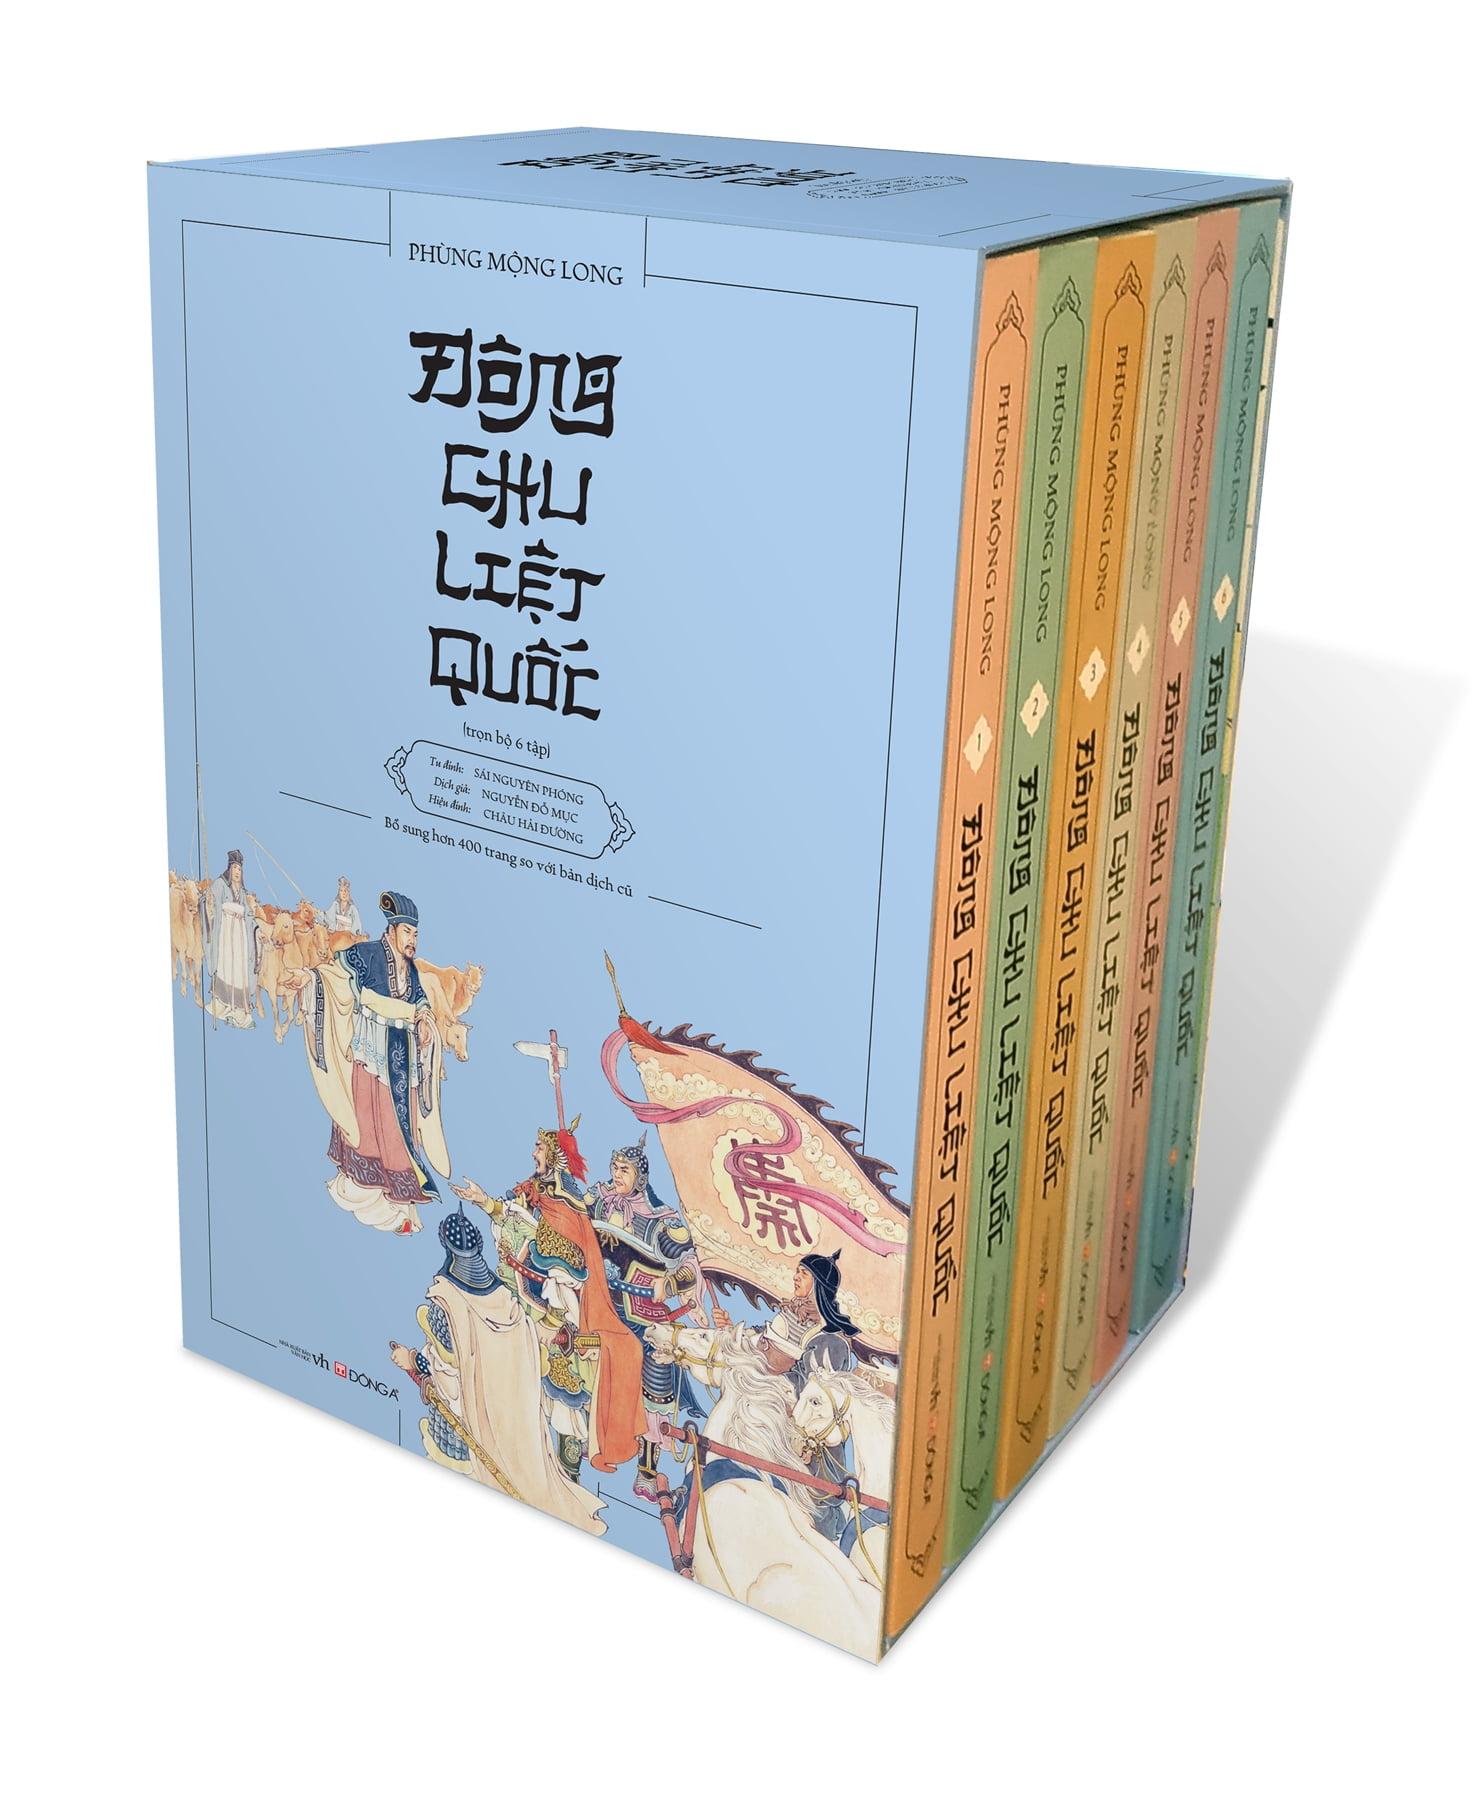 Fahasa - Đông Chu Liệt Quốc (Bộ 6 Tập - Kèm Hộp) Đang Trong Dịp Khuyến Mãi